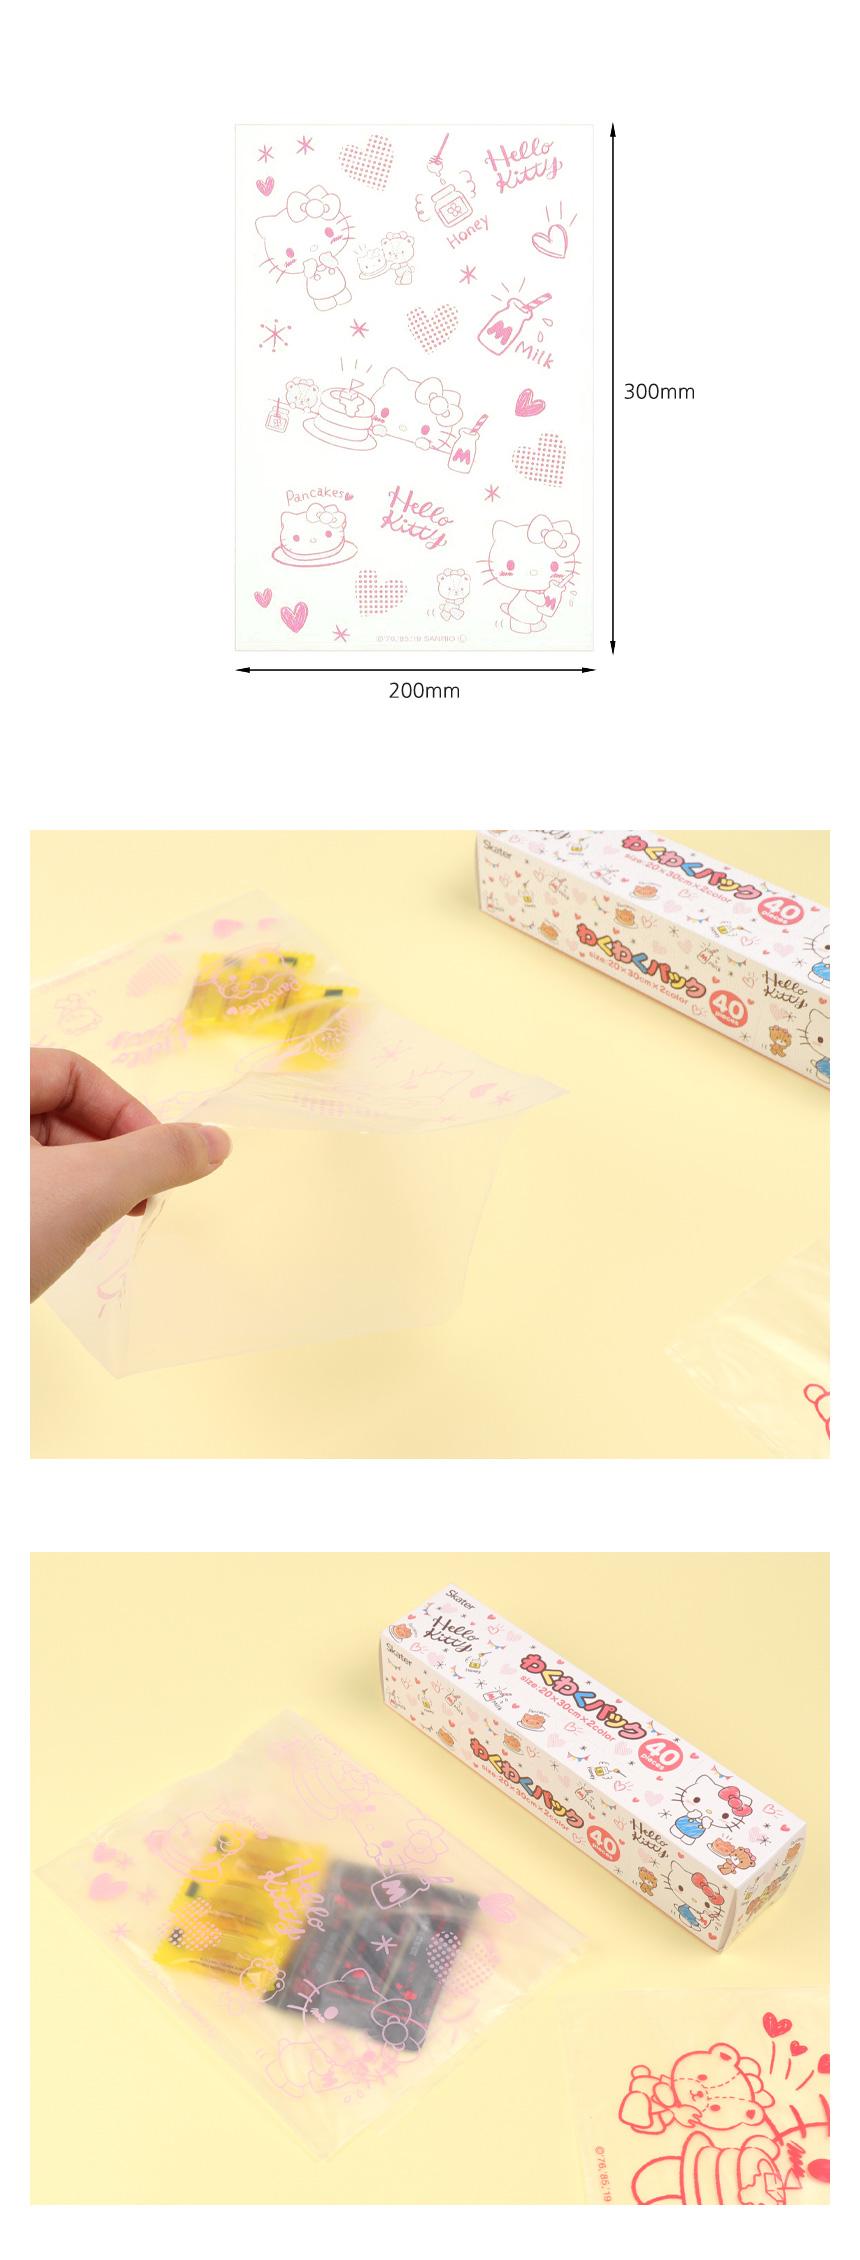 헬로키티 다용도 비닐팩 40P - 베리샵, 8,400원, 음식보관, 비닐류